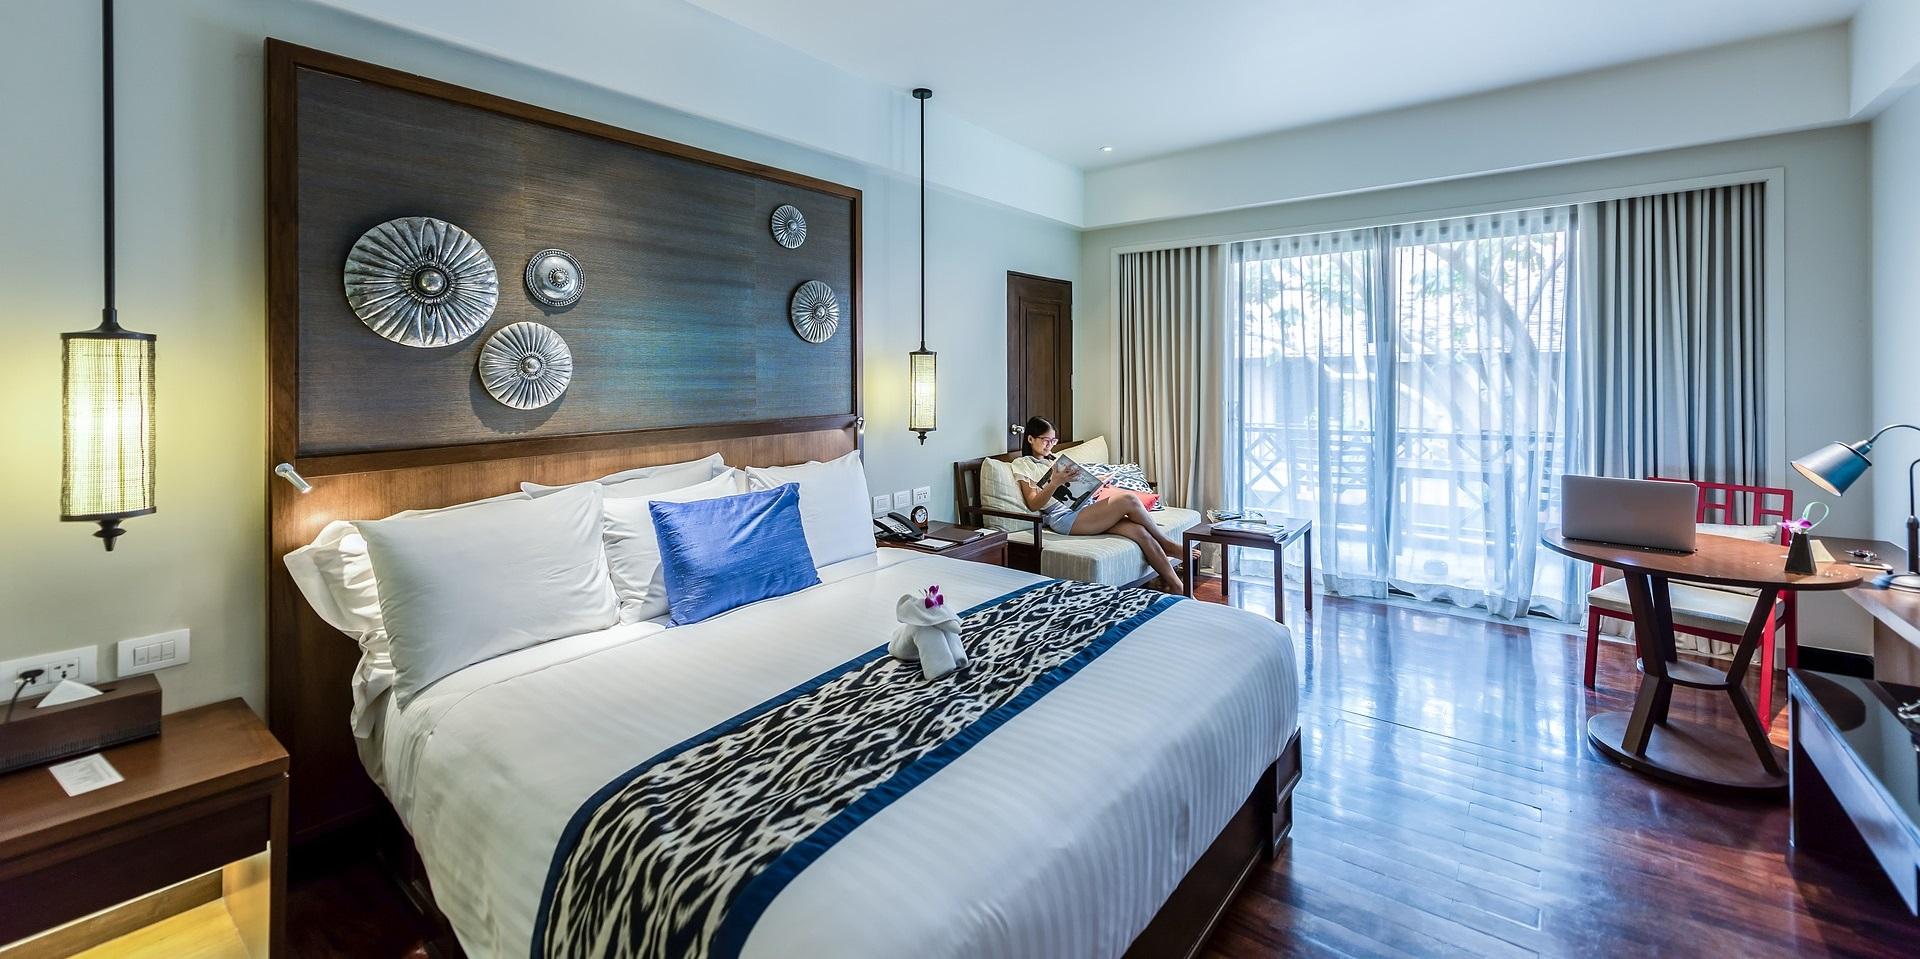 Hotelzimmer Versicherung